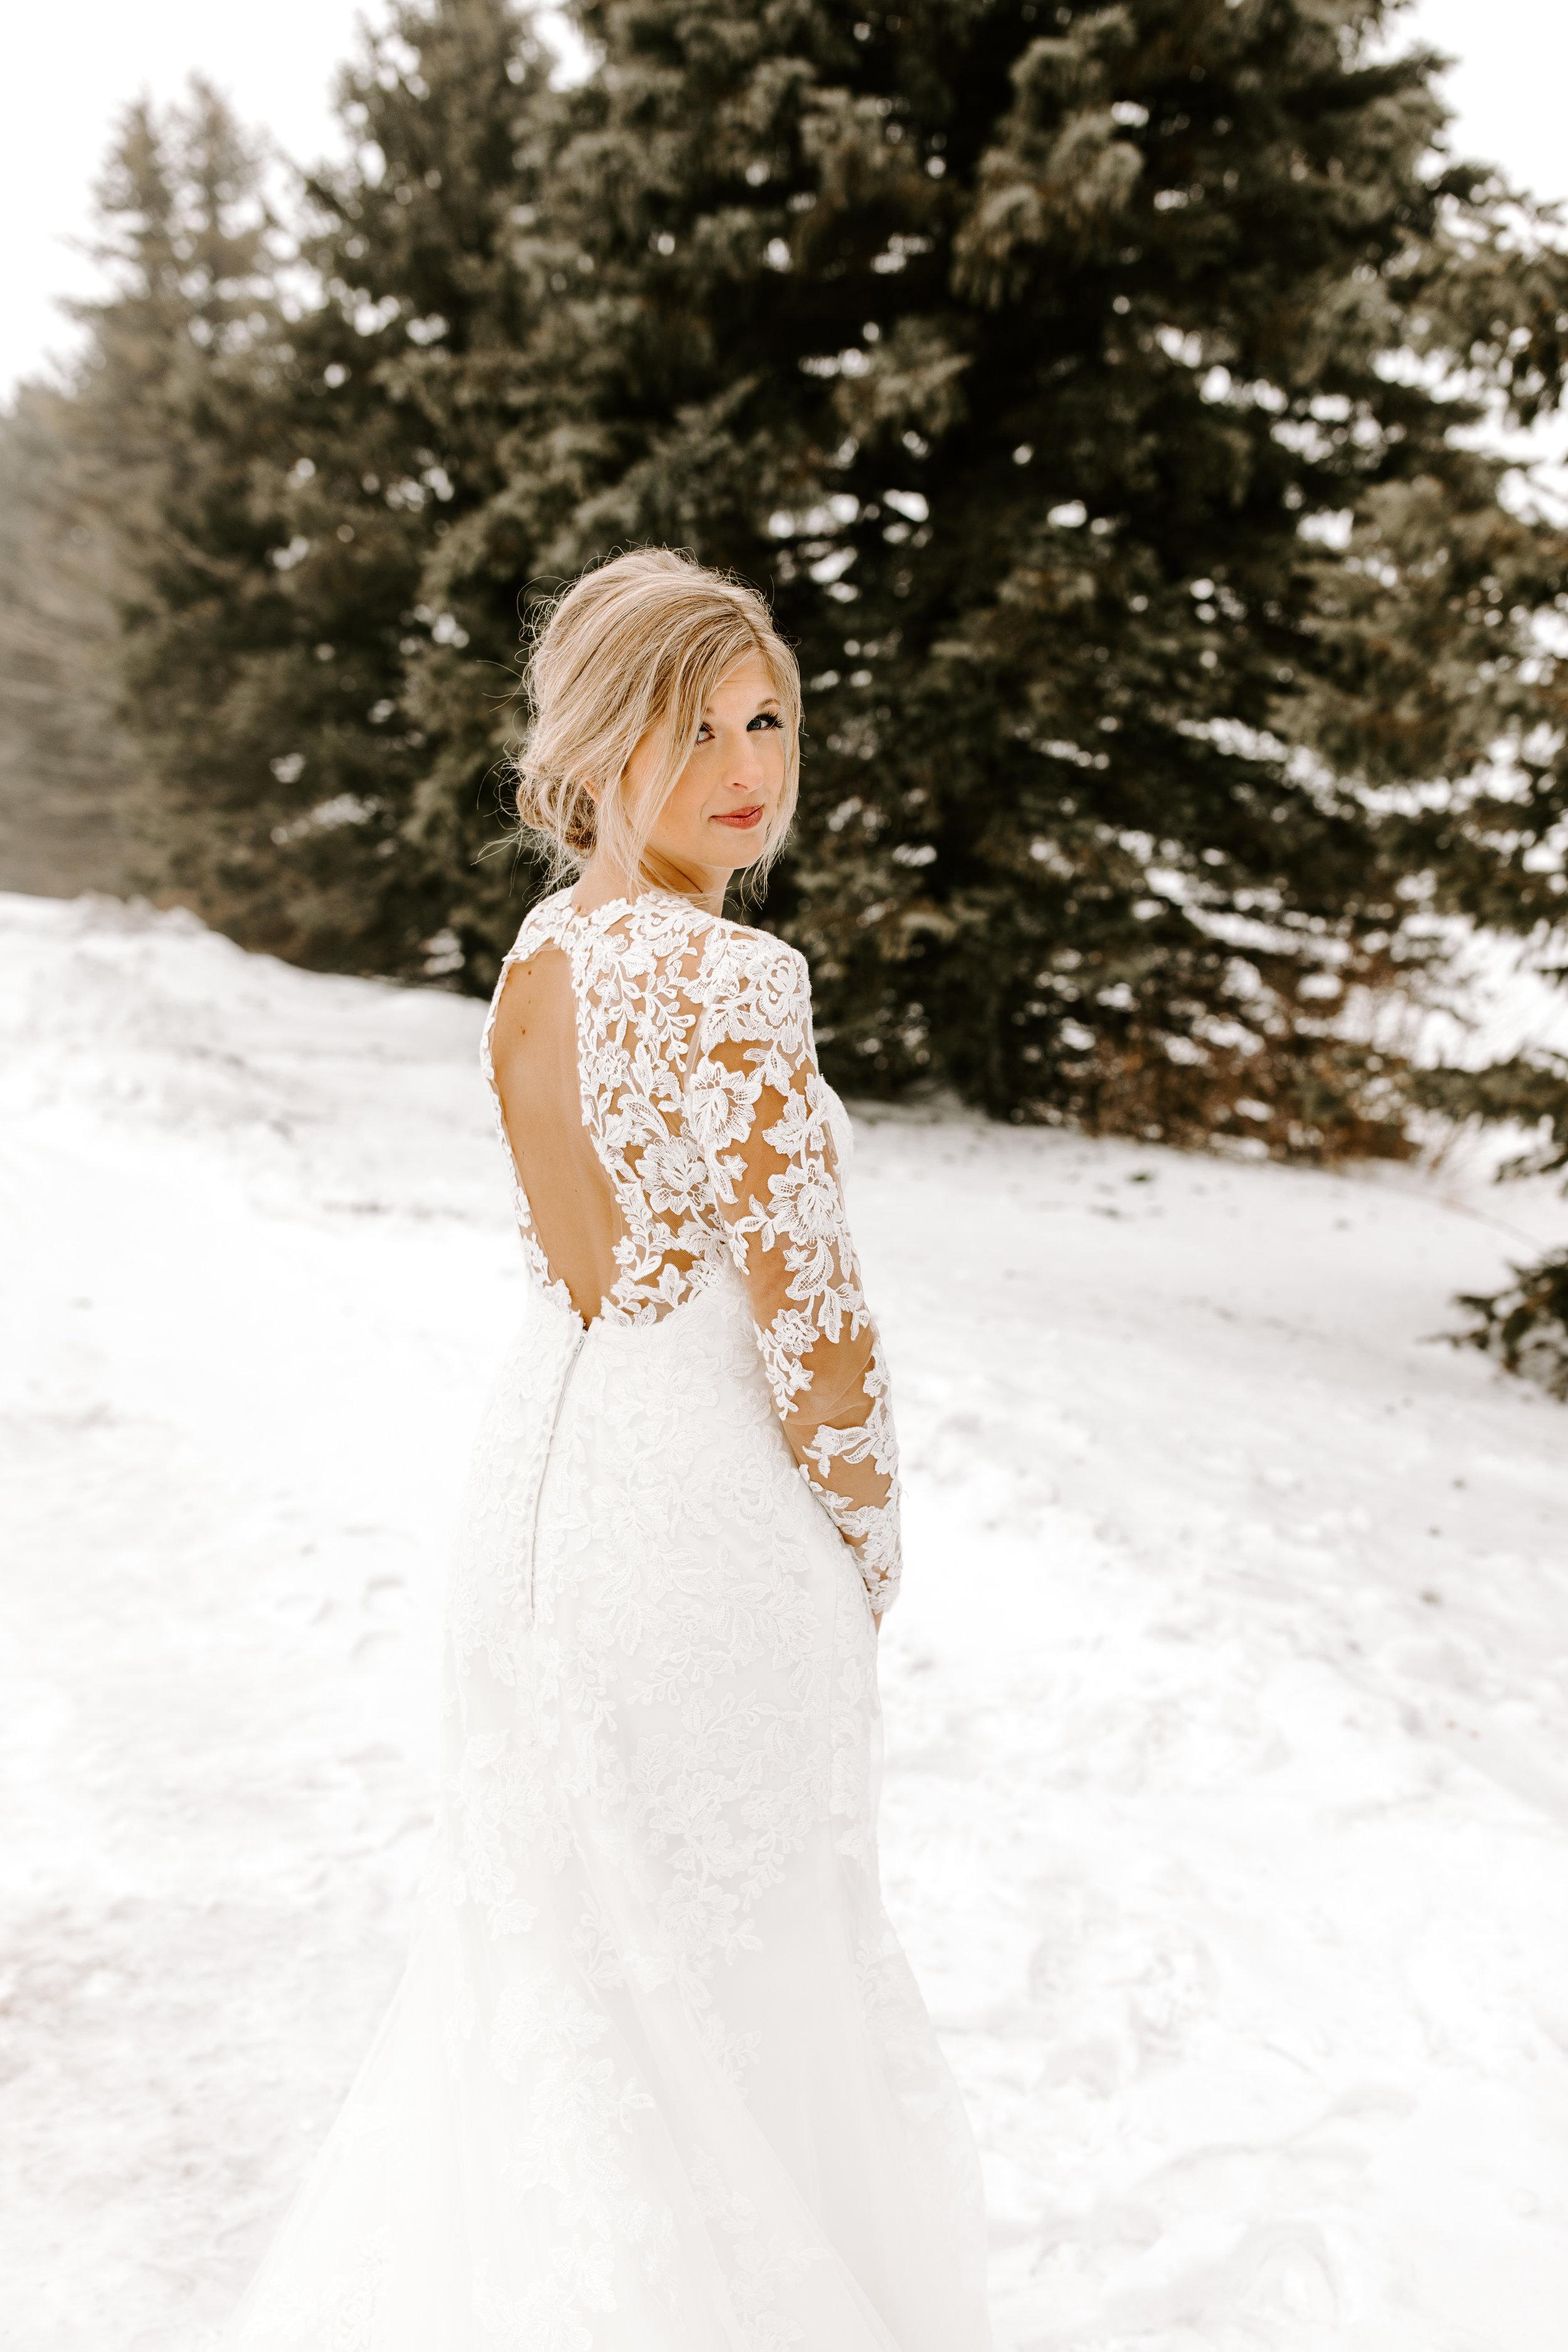 STADHEIM WED | Katie Wilke Co322.jpg